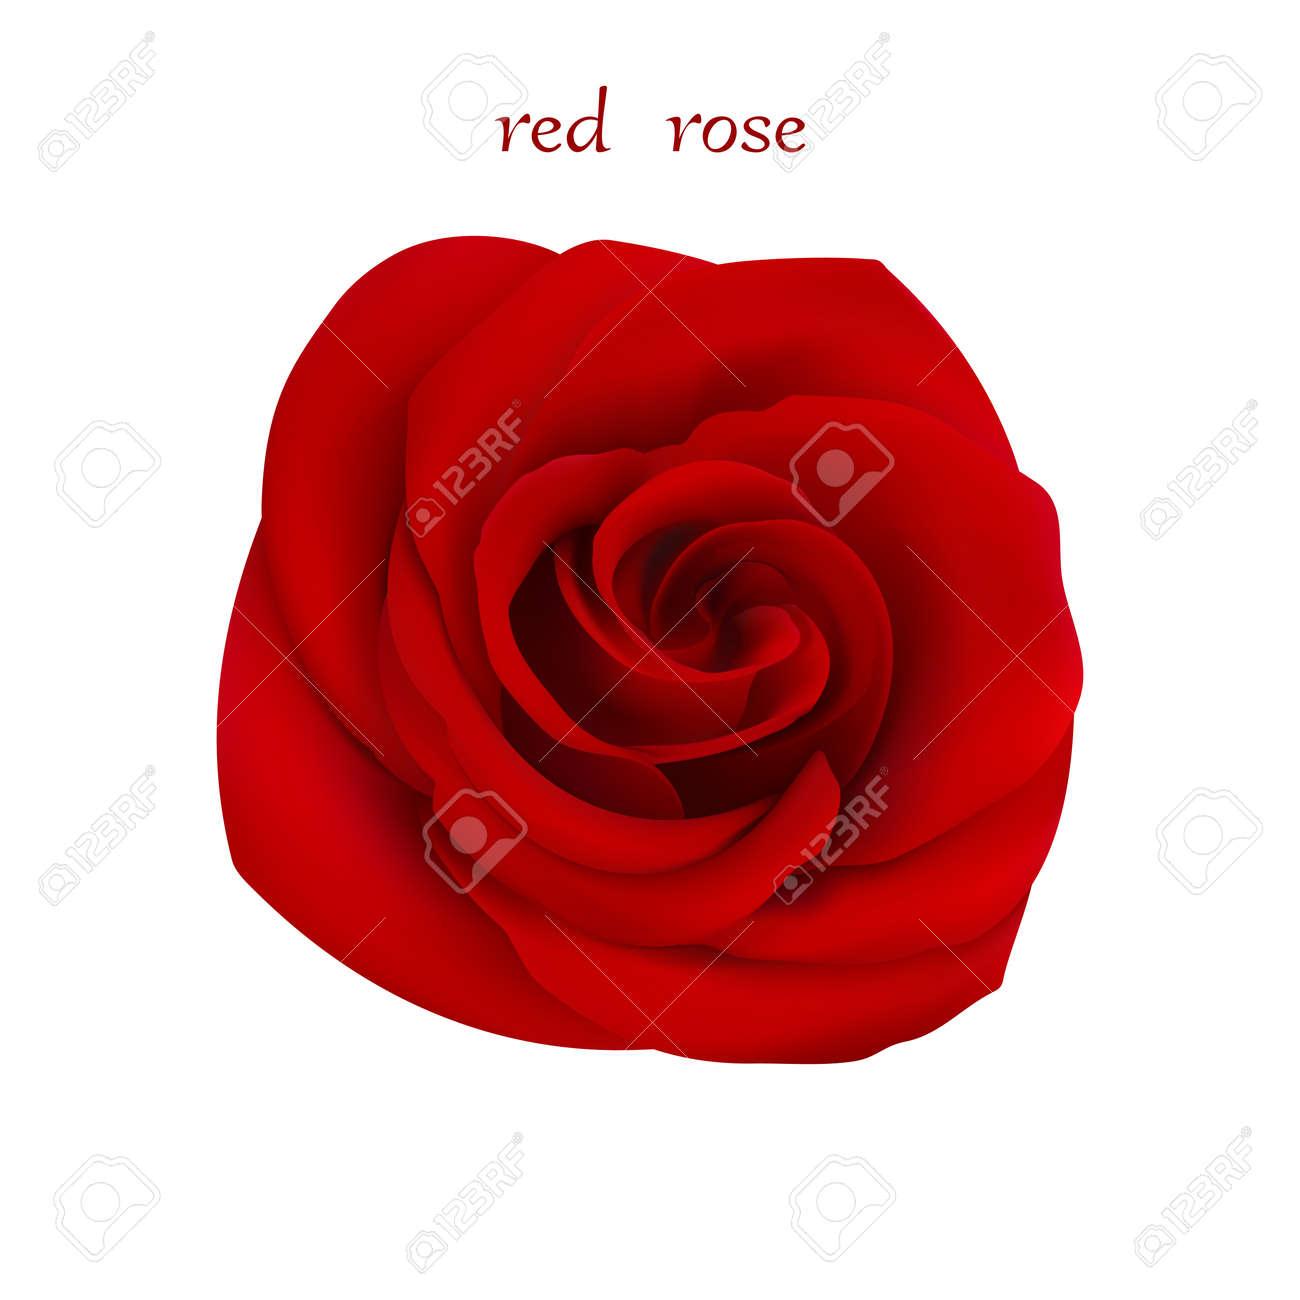 Vettoriale Rosa Rossa Fiore Isolato Su Sfondo Bianco è Stato